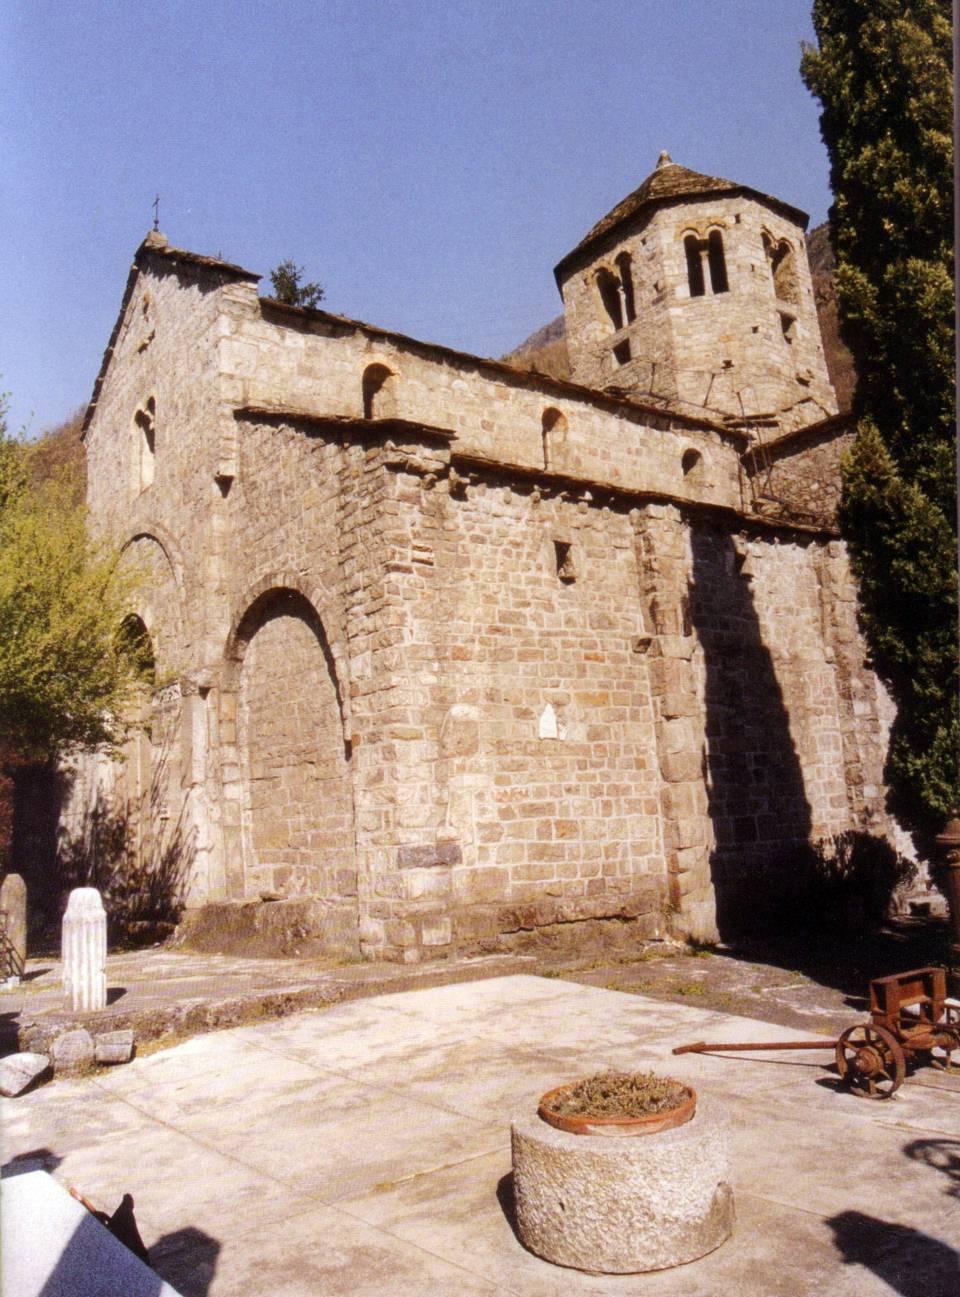 Monastero cluniacense di San Salvatore